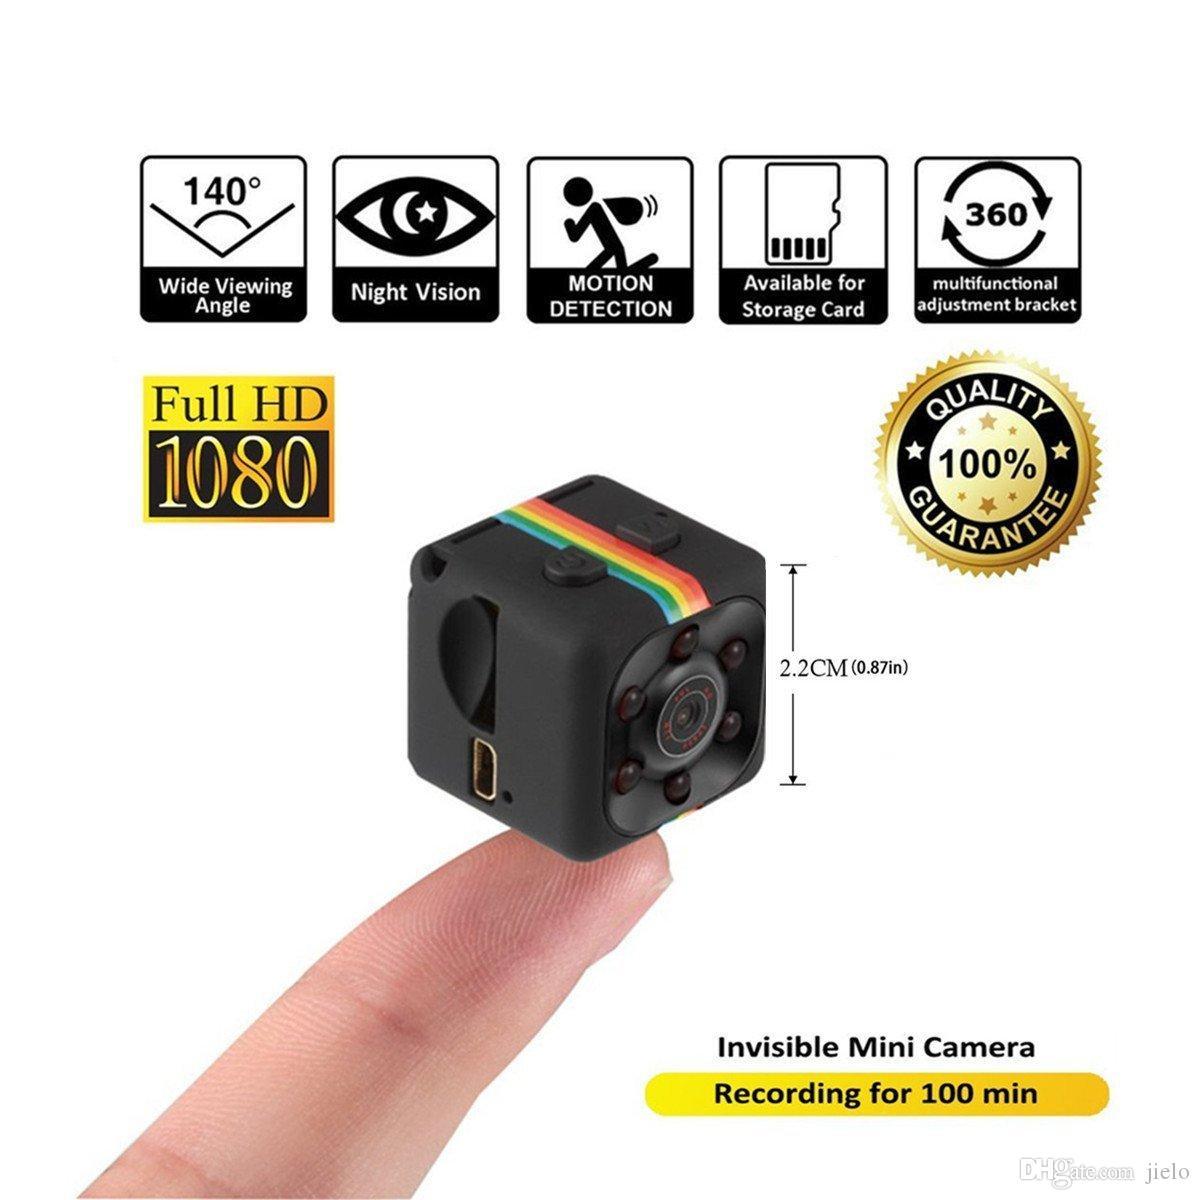 Купить Оптом Мини Камера Действий Спорт DV 1080P Мини Инфракрасный Монитор  Ночного Видения Скрытая Маленькая Камера SQ 11 Маленькая Камера DV ... 440ec36b1a9